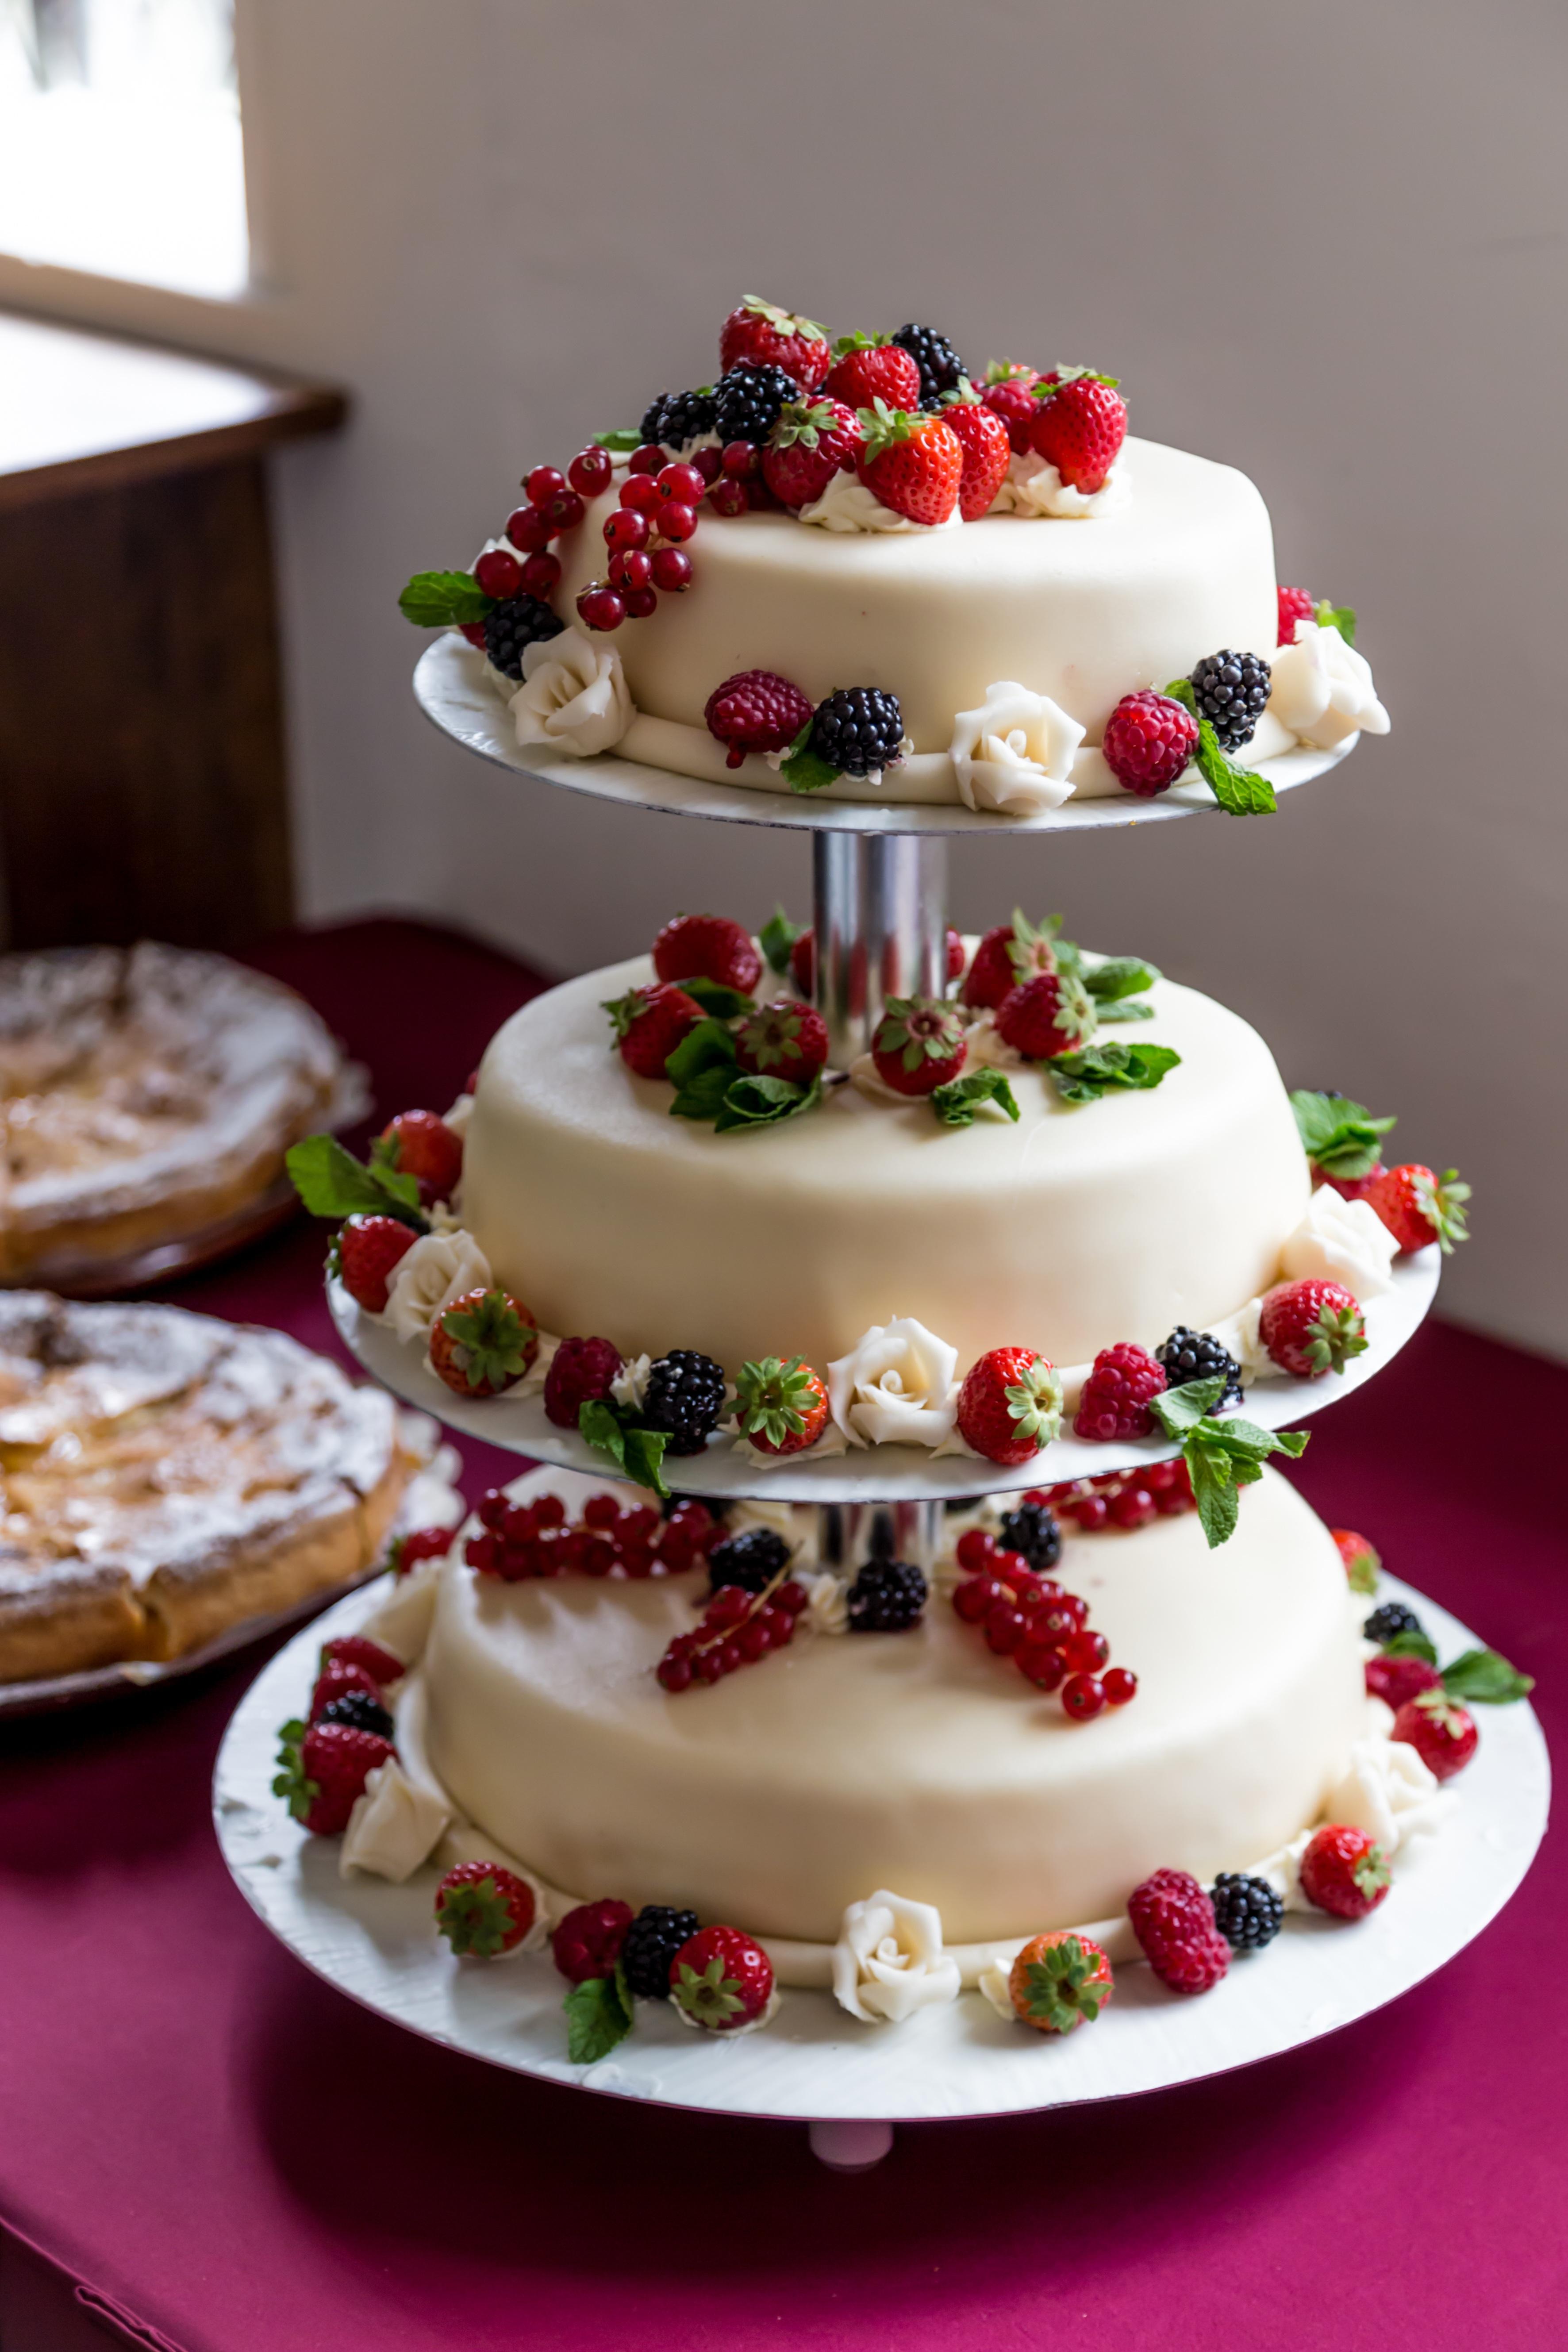 Images Gratuites Fleur Ete Aliments Produire Dessert